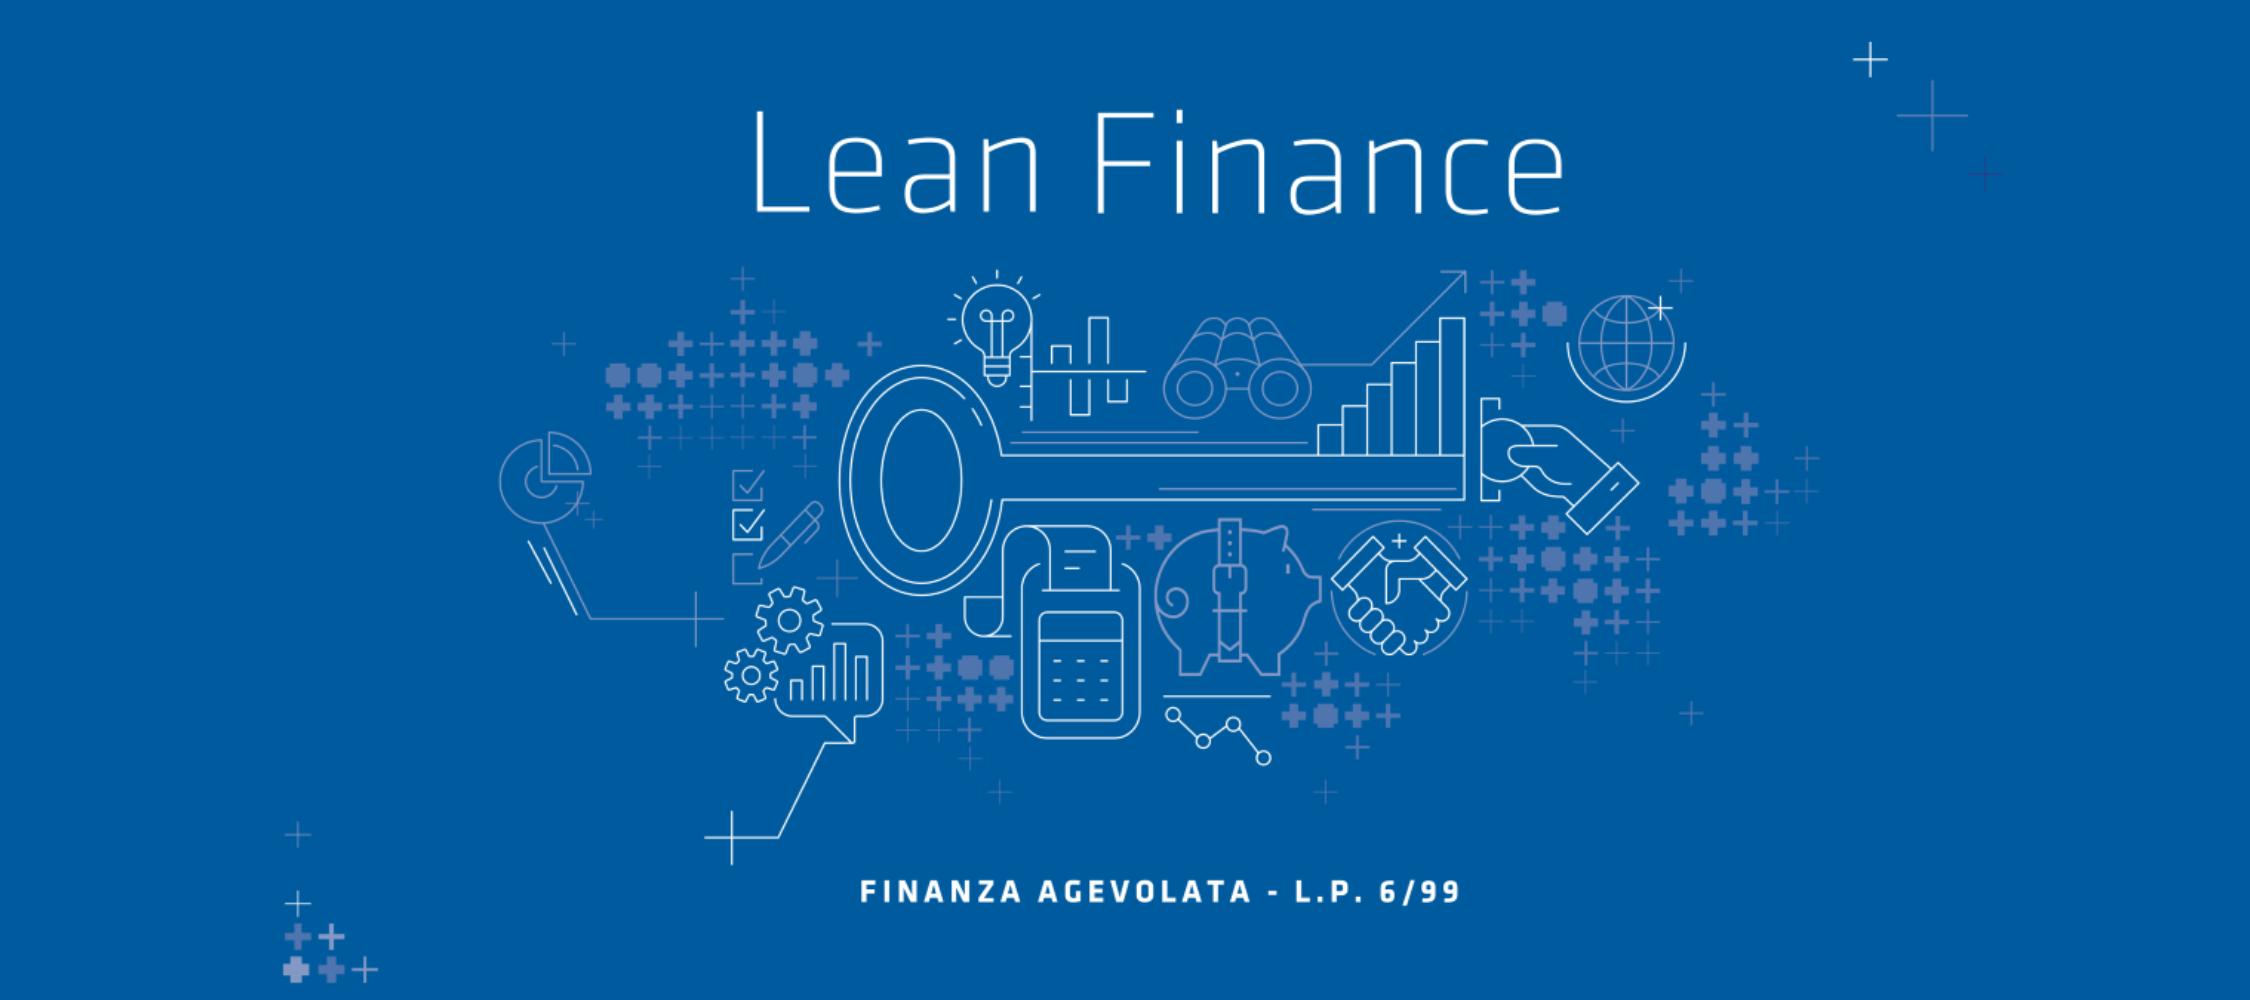 Lean Finance | L.P. 6/99 | nuovi investimenti